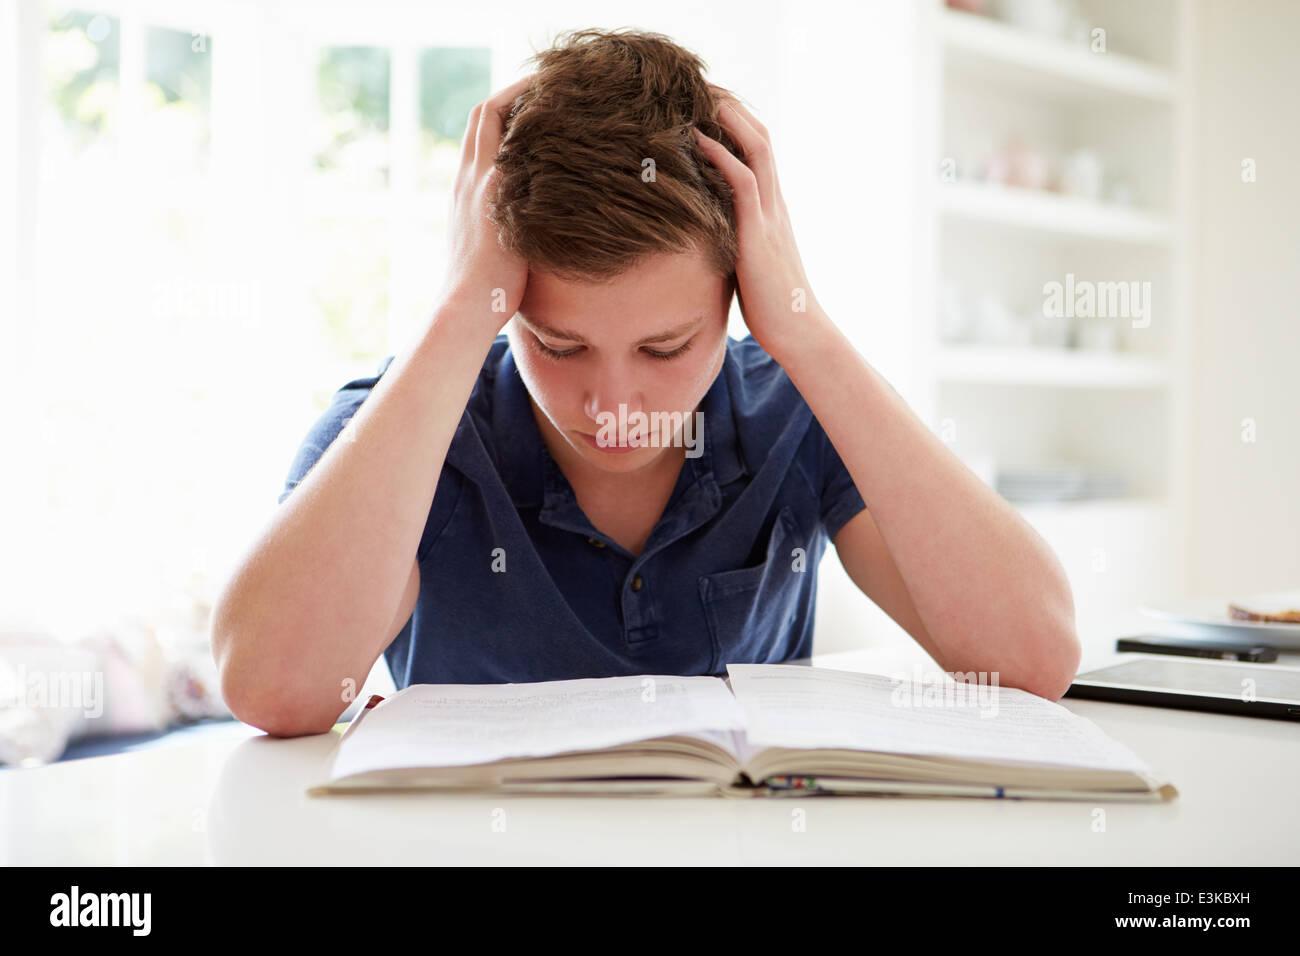 Premuto Boy lo studio a casa Immagini Stock